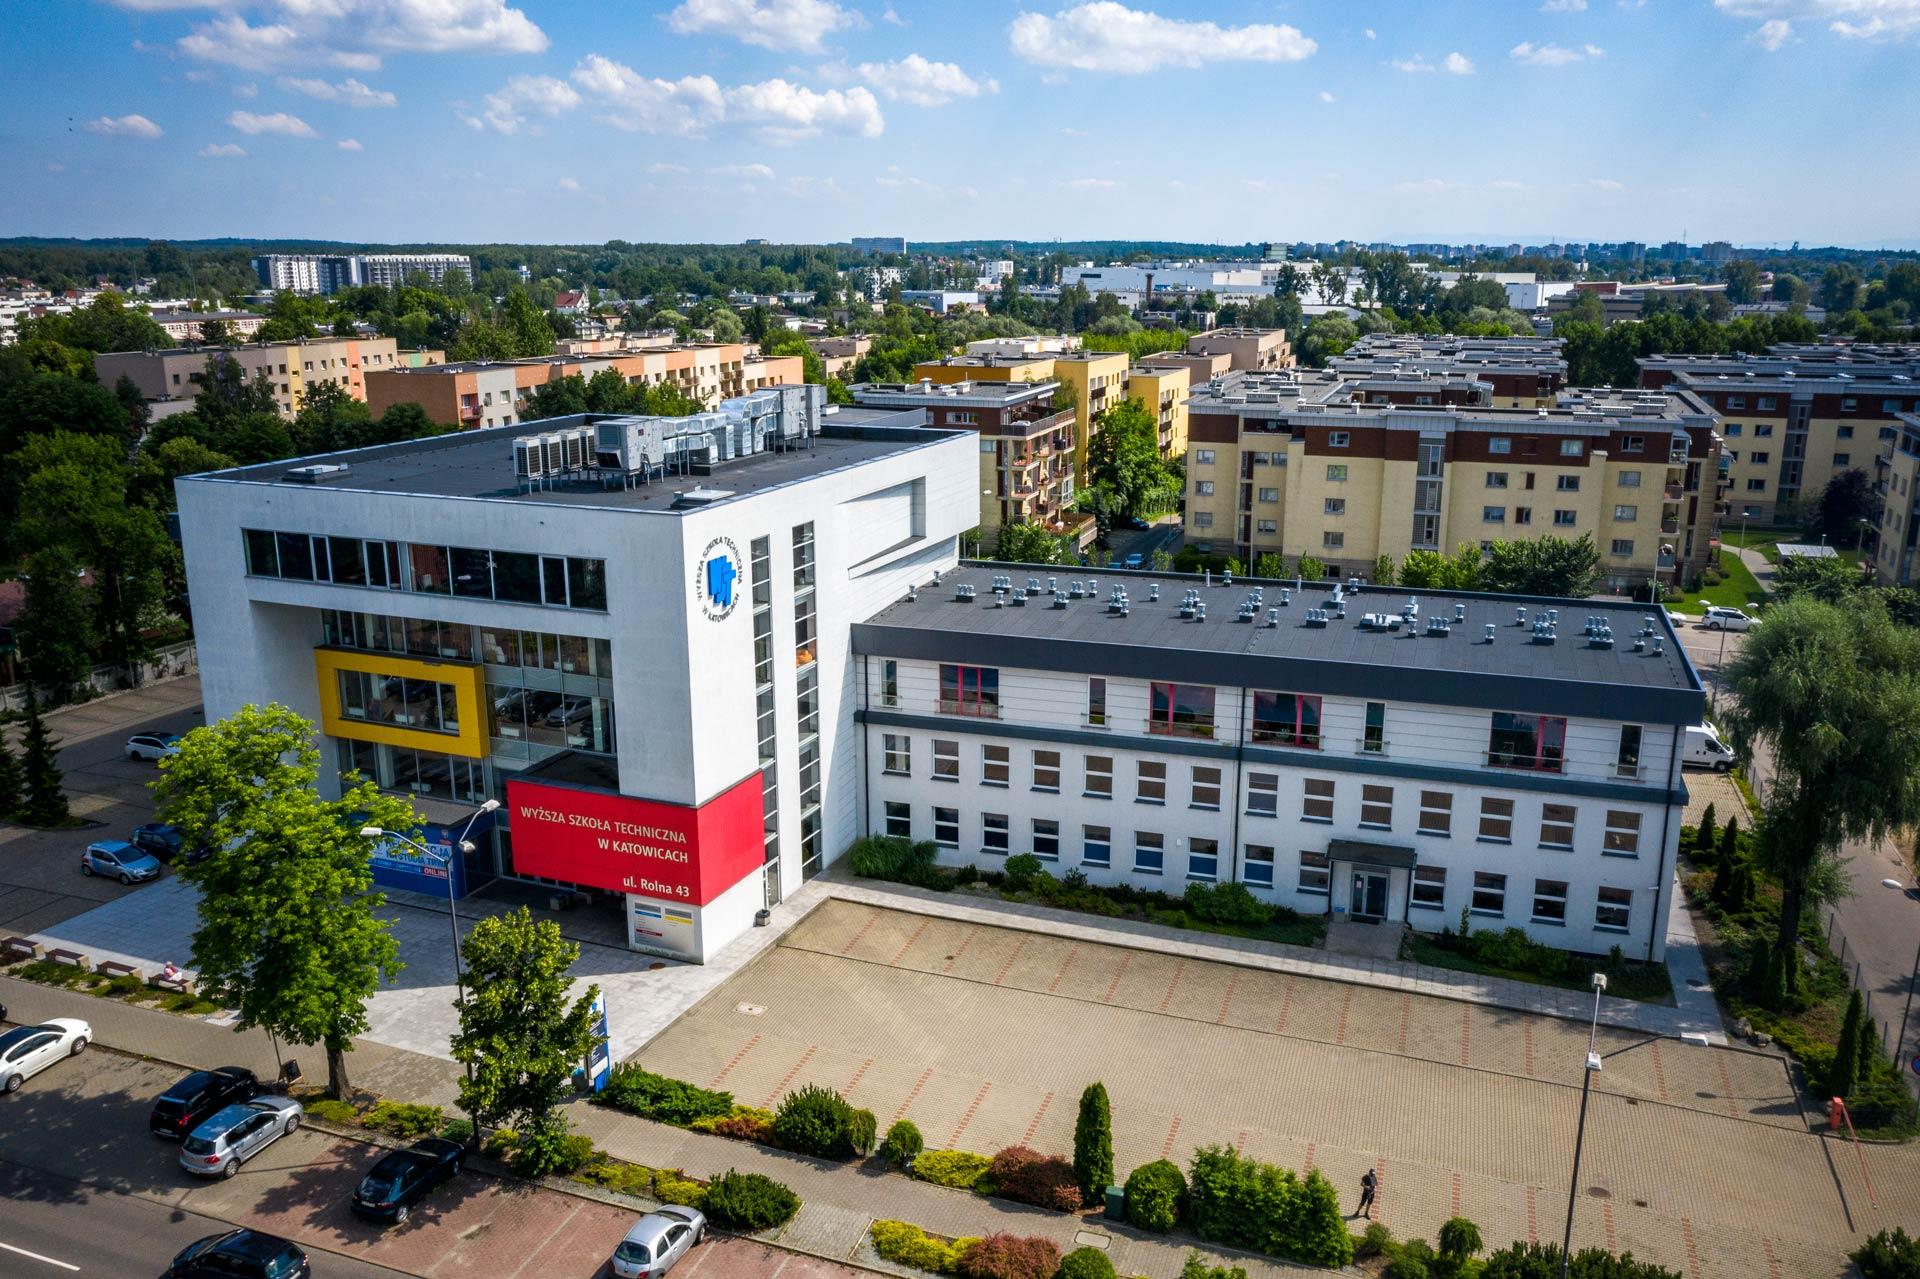 Wyższa Szkoła Techniczna wKatowicach